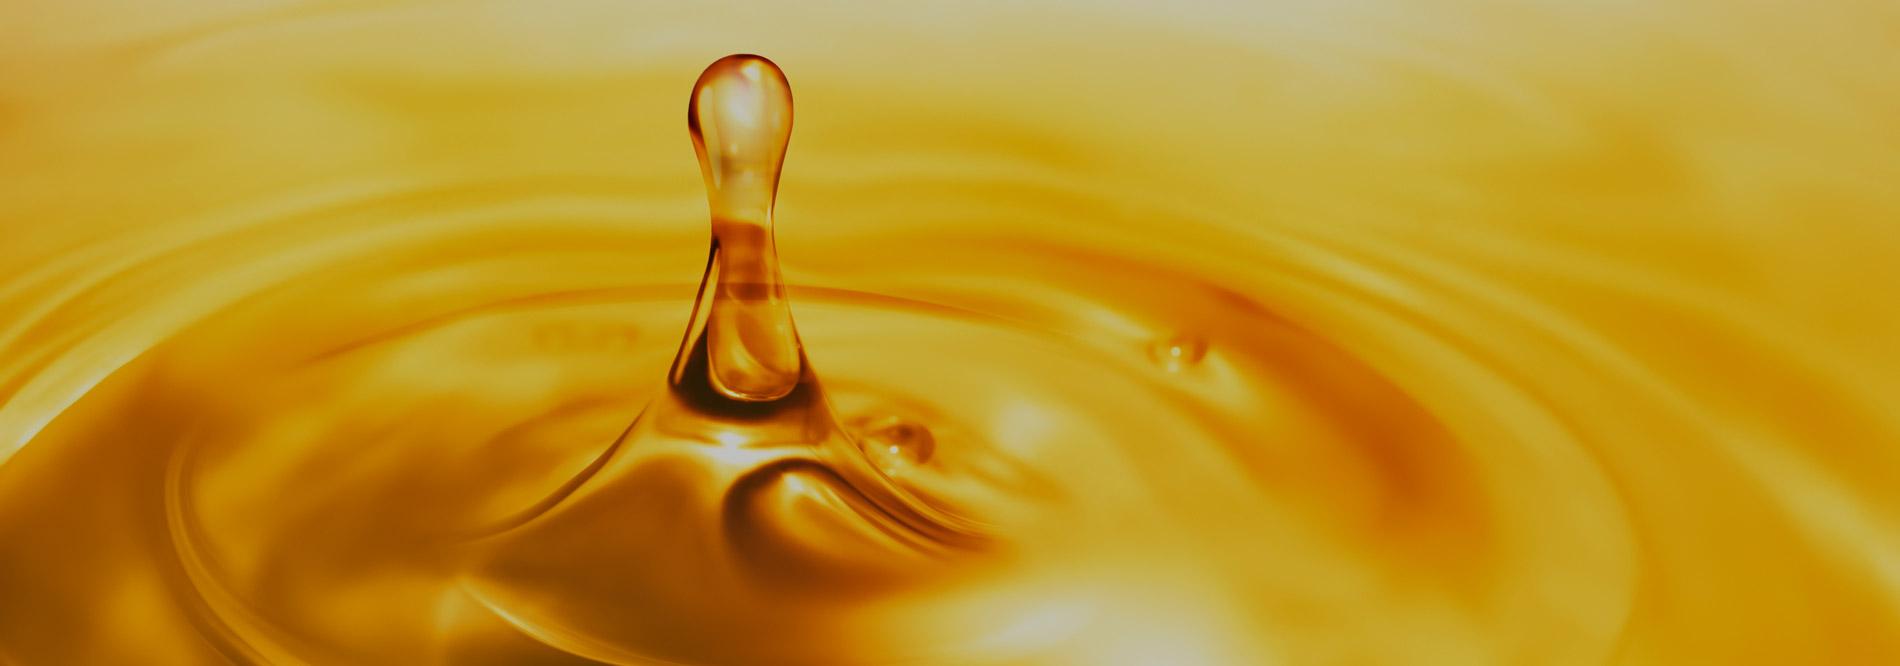 Eibarlar, distribuidor oficial de las marcas líderes mundiales en aceites industriales; Castrol, Shell, Houghton y Cogelsa